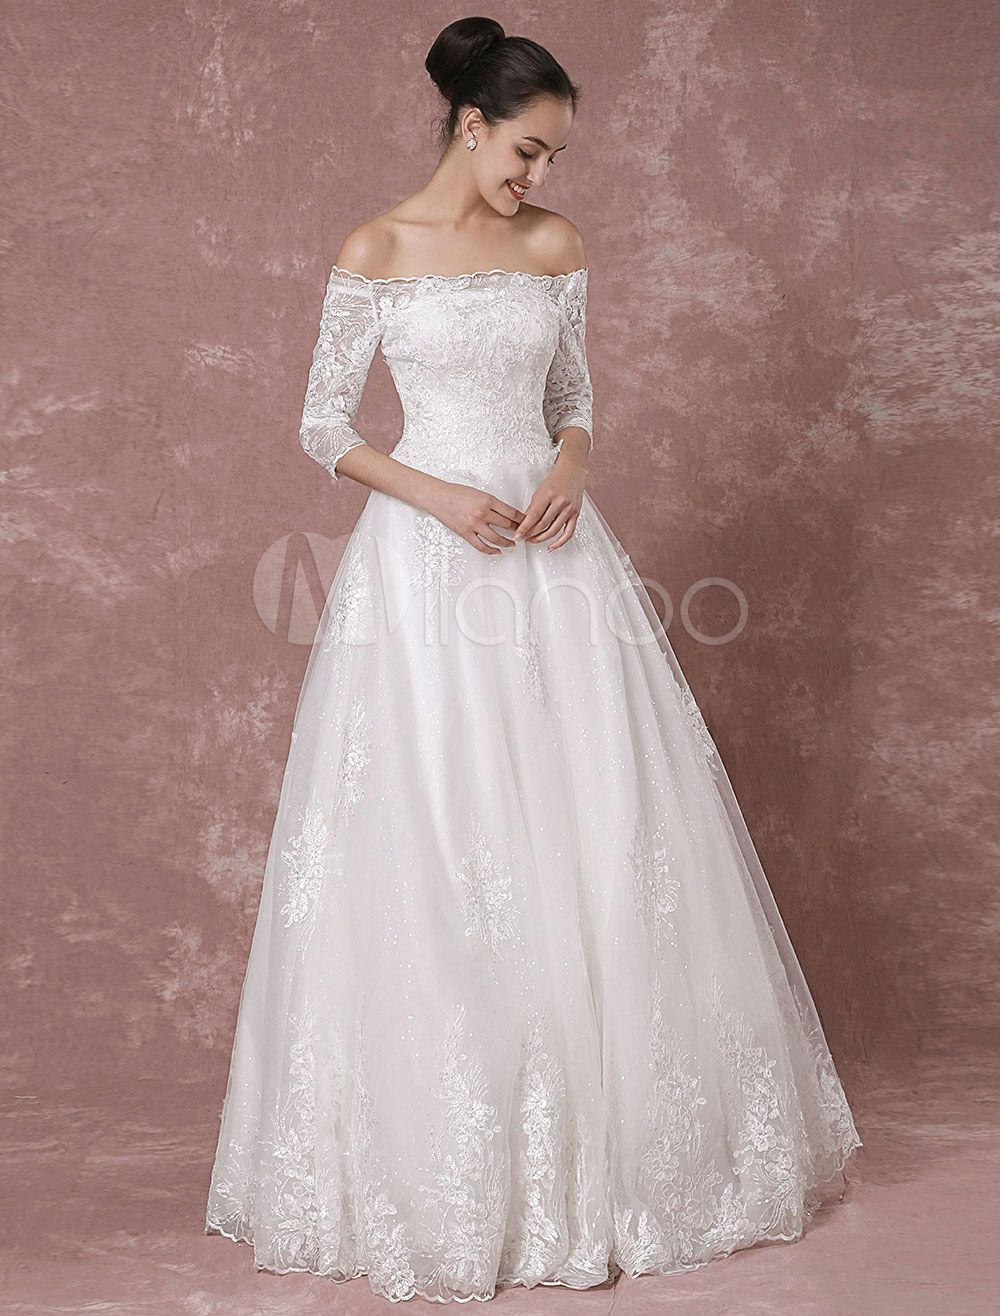 Spitzen Hochzeitskleid Off-the-Schulter Pailletten Tüll halbe Ärmel ...